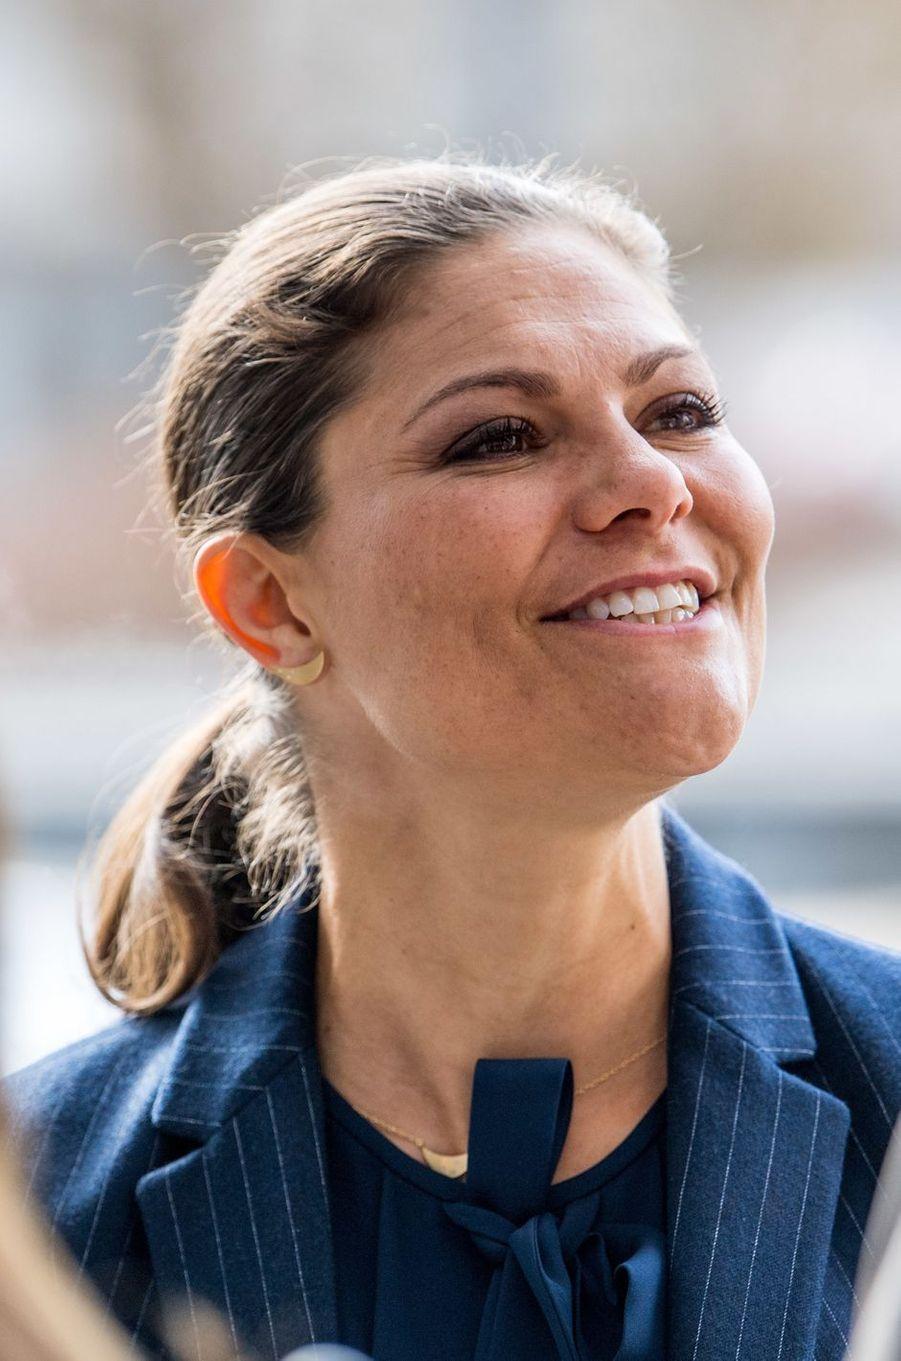 Détail des boucles d'oreille de la princesse Victoria de Suède à Stockholm, le 6 mars 2017